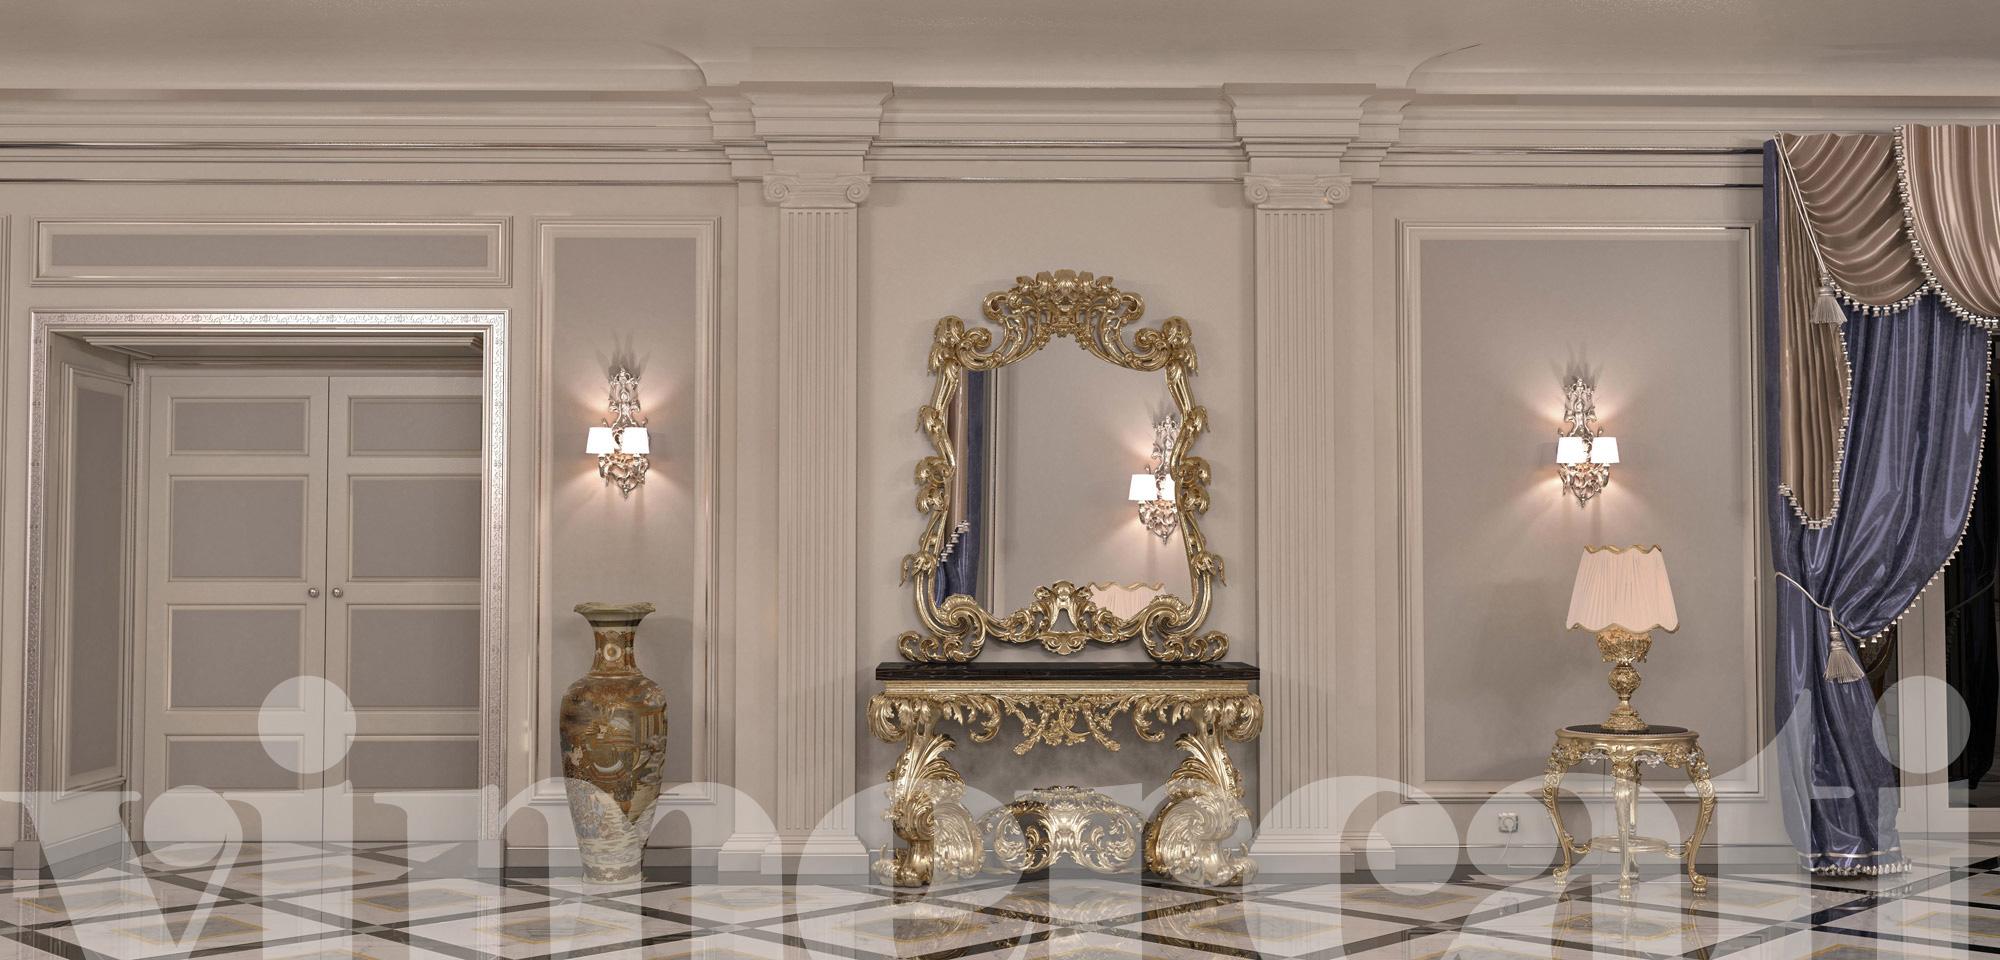 Tende per interni casa moderna for Arredamento interni lusso